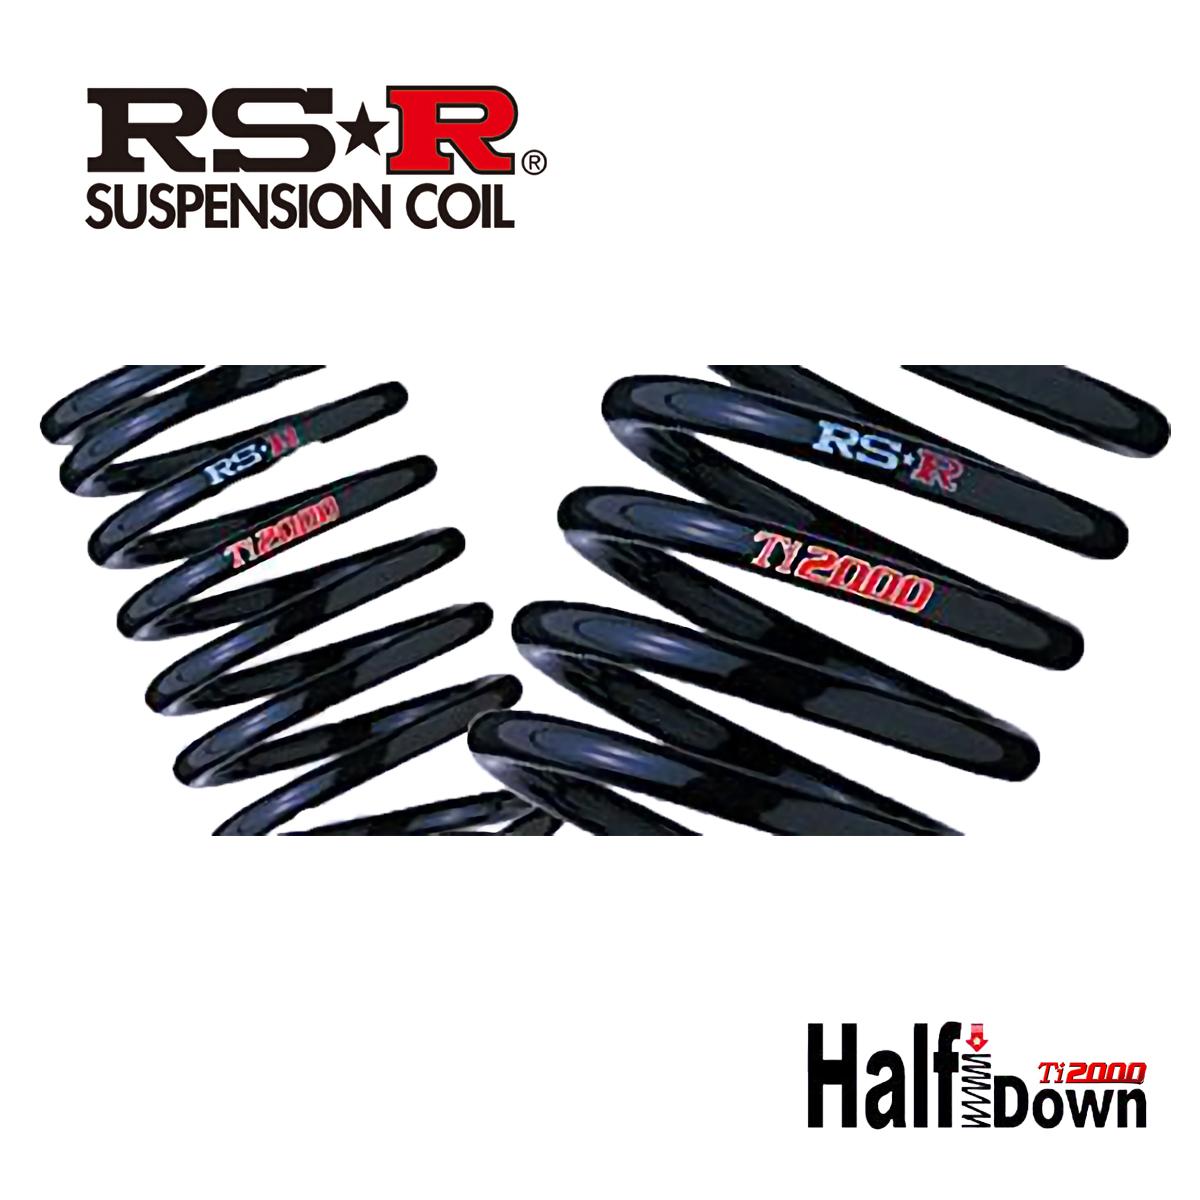 RS-R カローラツーリング ZRE212W S ダウンサス スプリング 1台分 T813THD Ti2000 ハーフダウン RSR 個人宅発送追金有